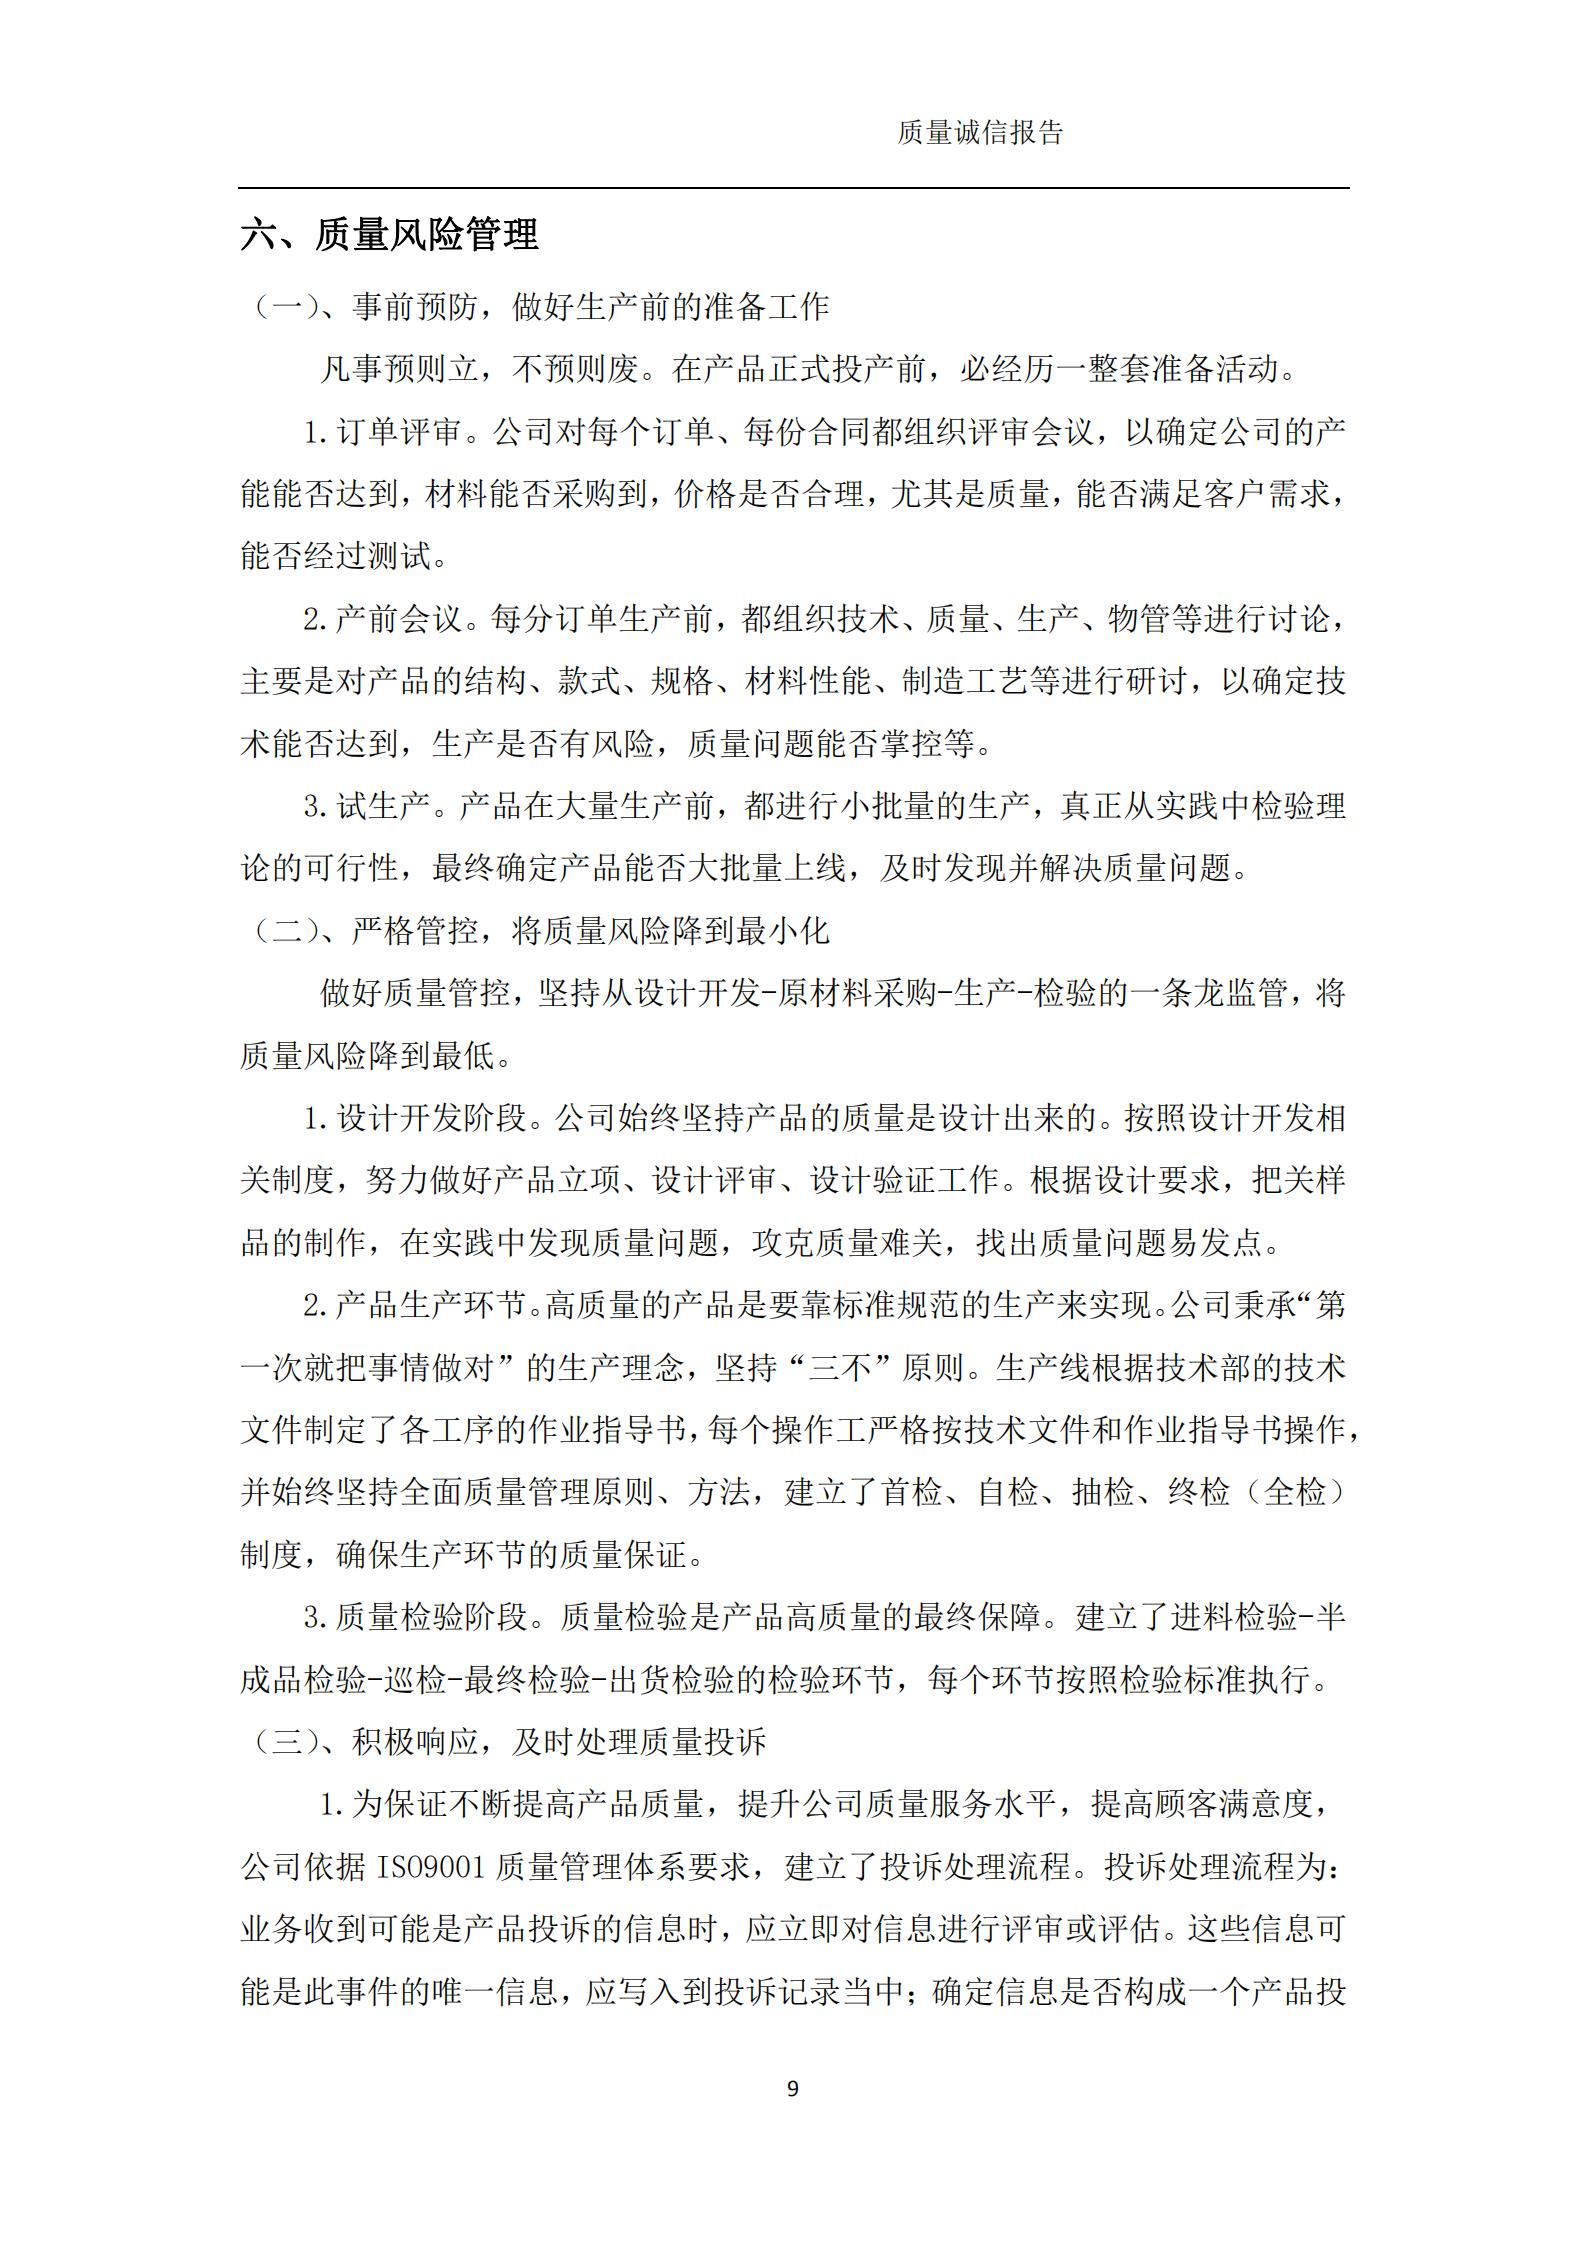 浙江新诚减速机科技有限公司-质量诚信报告(1)_10.png